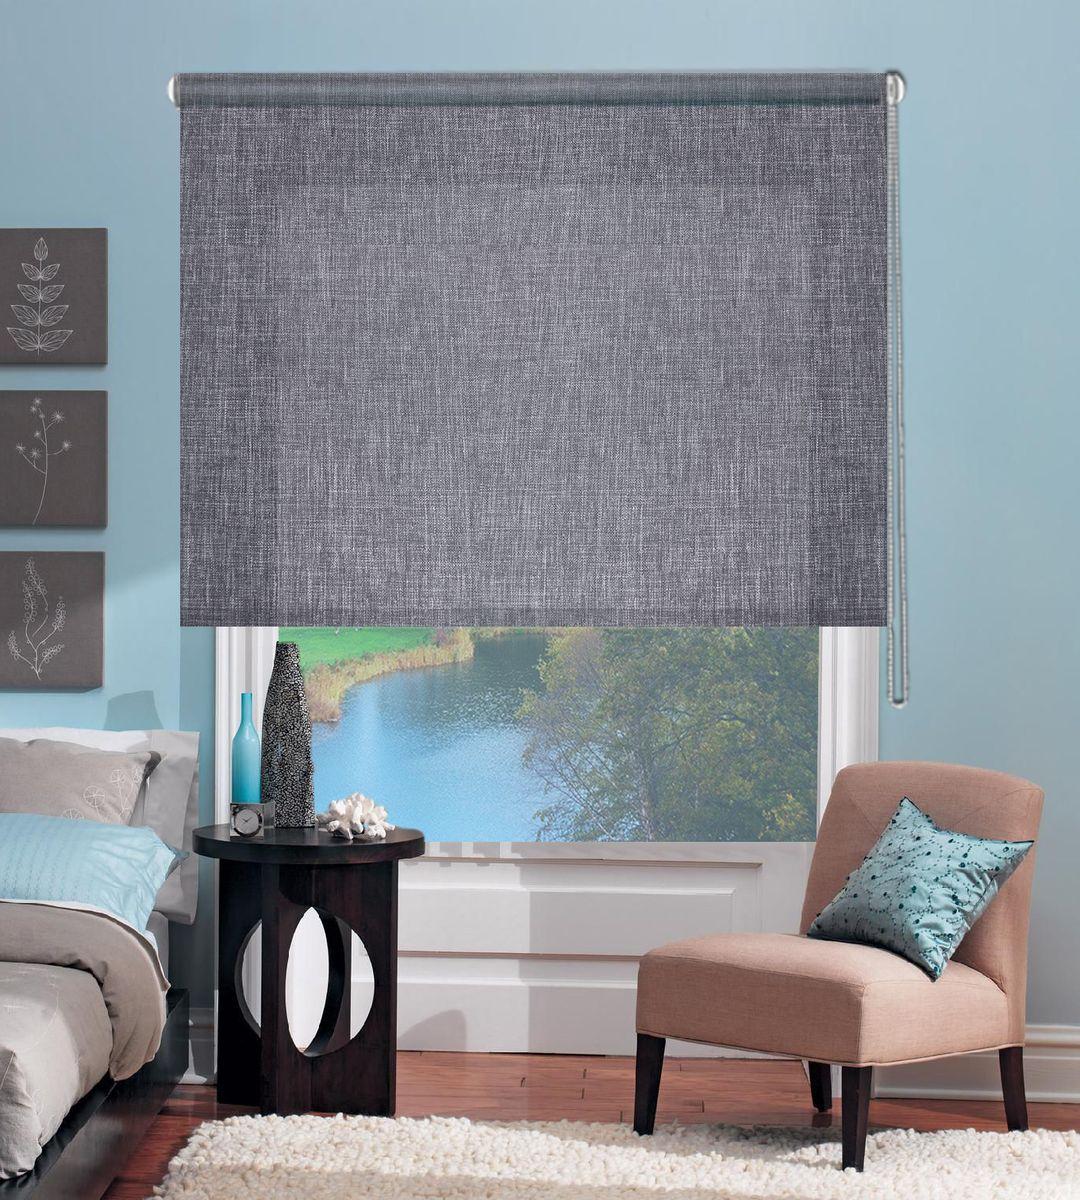 Штора рулонная Эскар Меланж, цвет: серый, ширина 160 см, высота 160 см804948160160Рулонными шторами Эскар Меланж можно оформлять окна как самостоятельно, так и использовать в комбинации с портьерами. Это поможет предотвратить выгорание дорогой ткани на солнце и соединит функционал рулонных с красотой навесных. Преимущества применения рулонных штор для пластиковых окон: - имеют прекрасный внешний вид: многообразие и фактурность материала изделия отлично смотрятся в любом интерьере;- многофункциональны: есть возможность подобрать шторы способные эффективно защитить комнату от солнца, при этом она не будет слишком темной;- есть возможность осуществить быстрый монтаж.ВНИМАНИЕ! Размеры ширины изделия указаны по ширине ткани! Во время эксплуатации не рекомендуется полностью разматывать рулон, чтобы не оторвать ткань от намоточного вала. В случае загрязнения поверхности ткани, чистку шторы проводят одним из способов, в зависимости от типа загрязнения:легкое поверхностное загрязнение можно удалить при помощи канцелярского ластика;чистка от пыли производится сухим методом при помощи пылесоса с мягкой щеткой-насадкой;для удаления пятна используйте мягкую губку с пенообразующим неагрессивным моющим средством или пятновыводитель на натуральной основе (нельзя применять растворители).